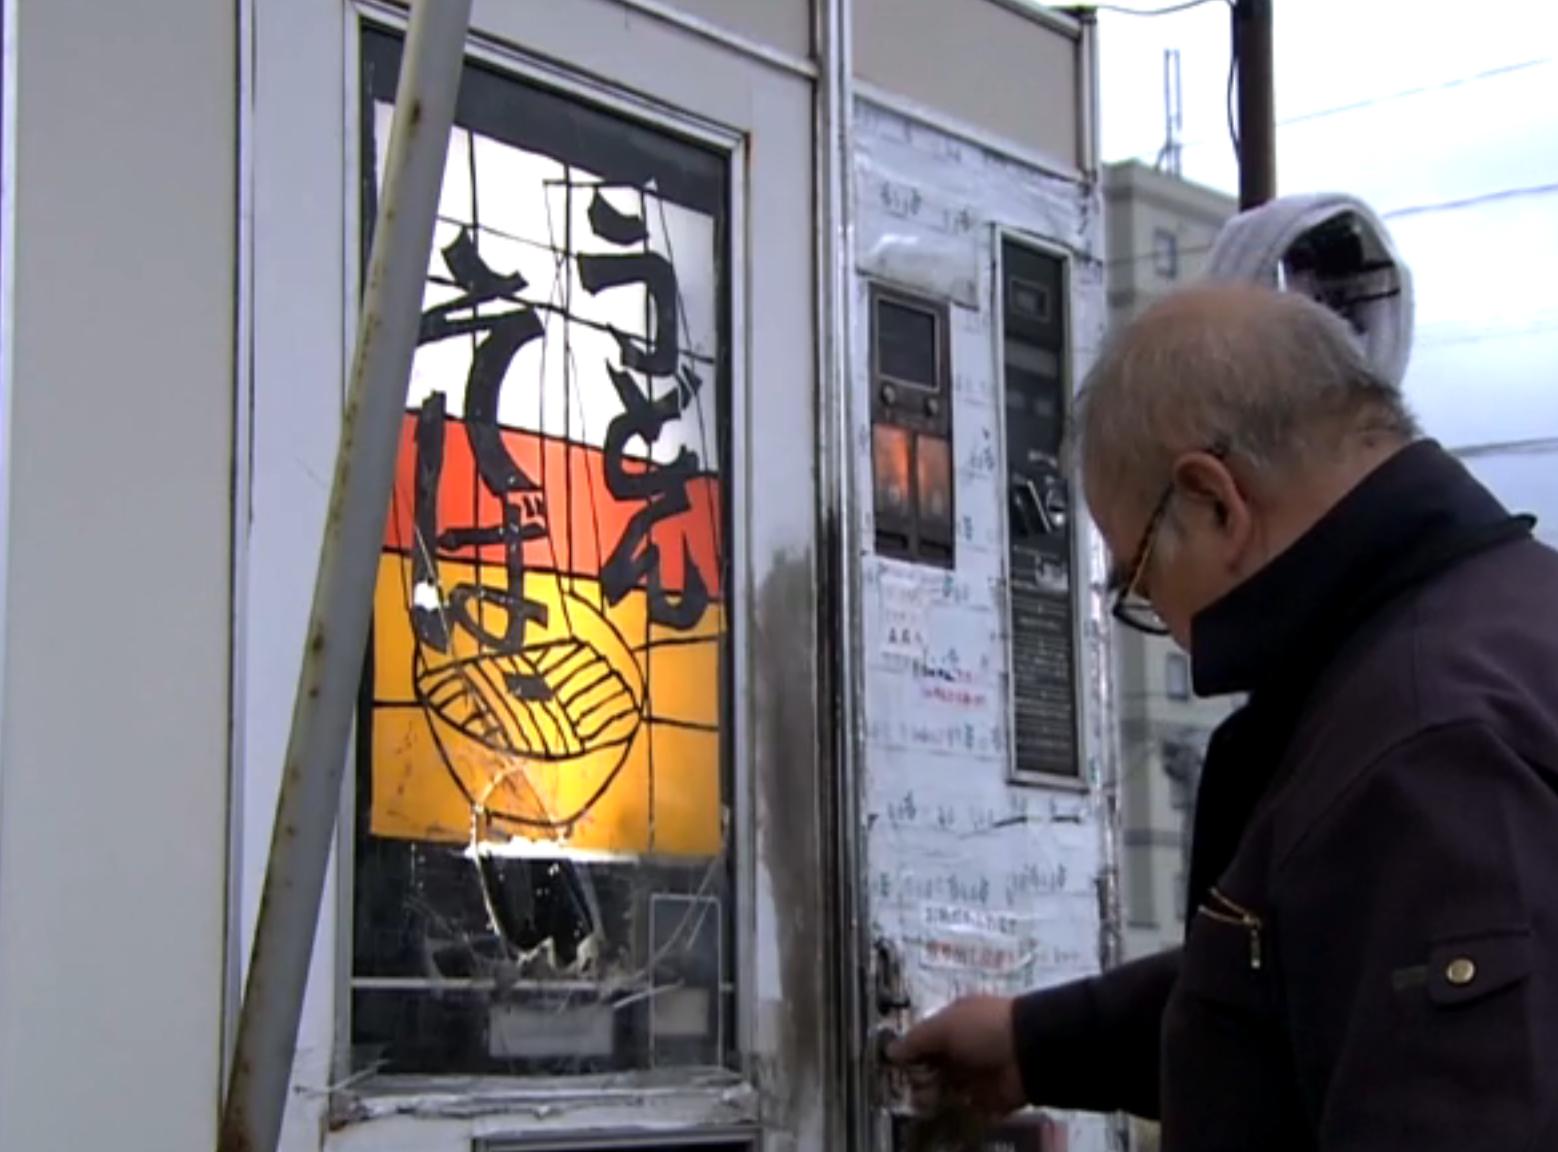 秋田のうどん自販機は、うどんが人気なんじゃない